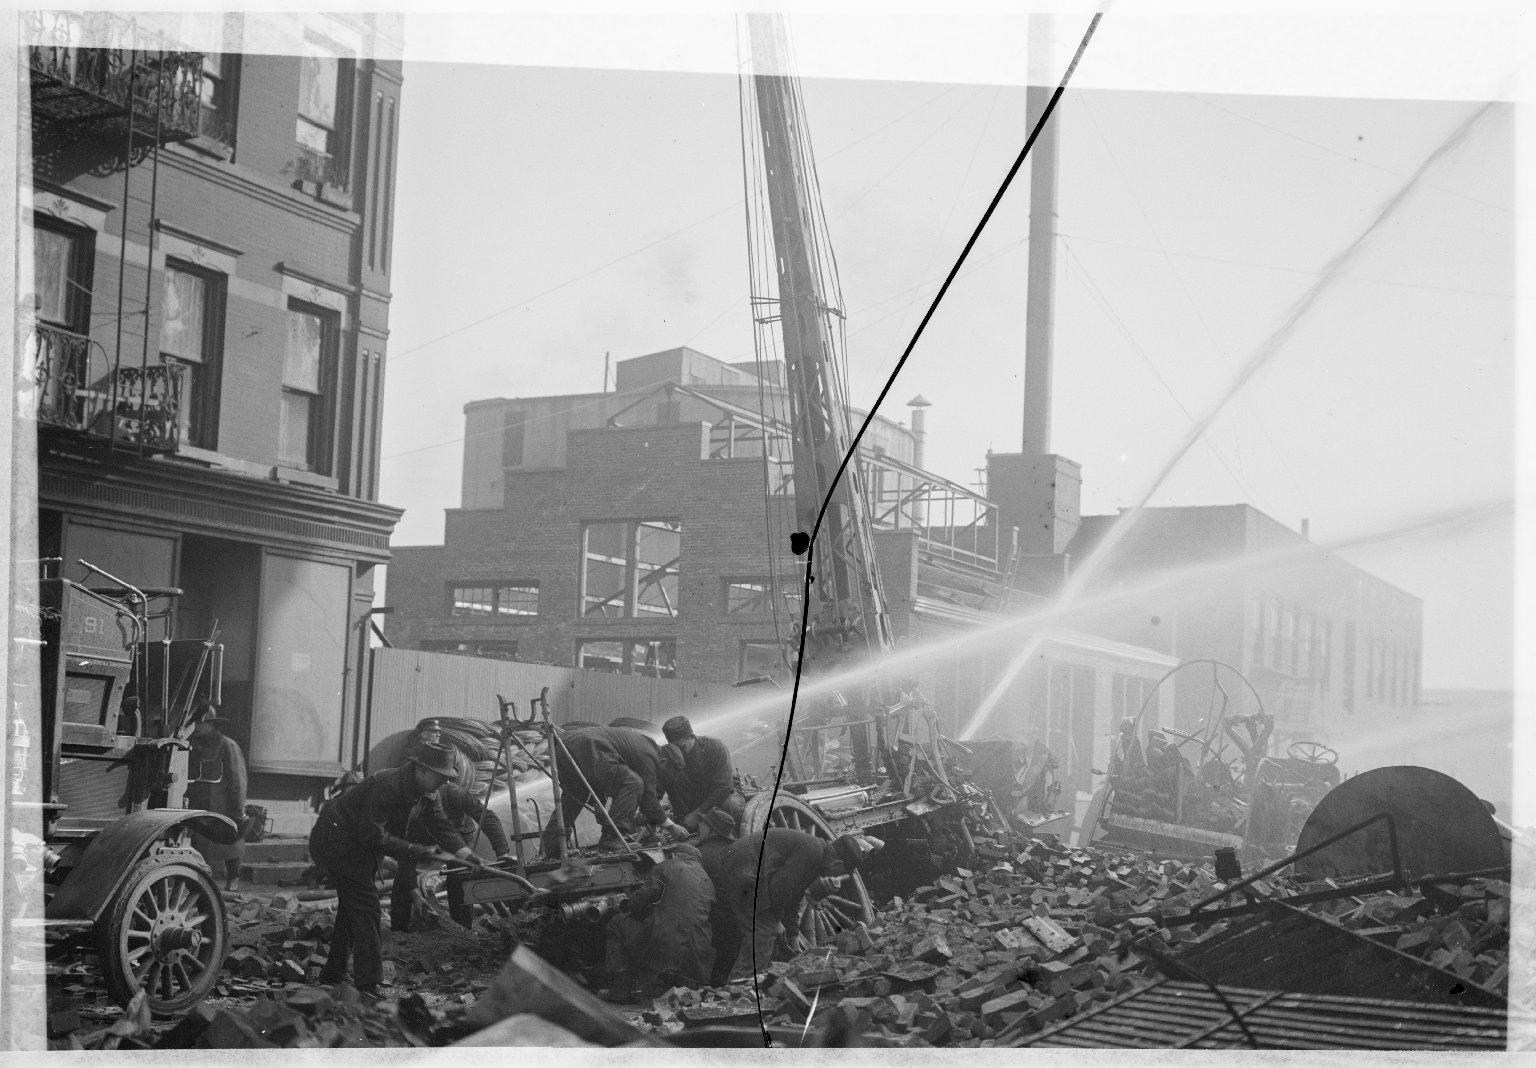 Уничтоженная пожаром водяная башня. Нью-Йорк, США. Начало 20 века